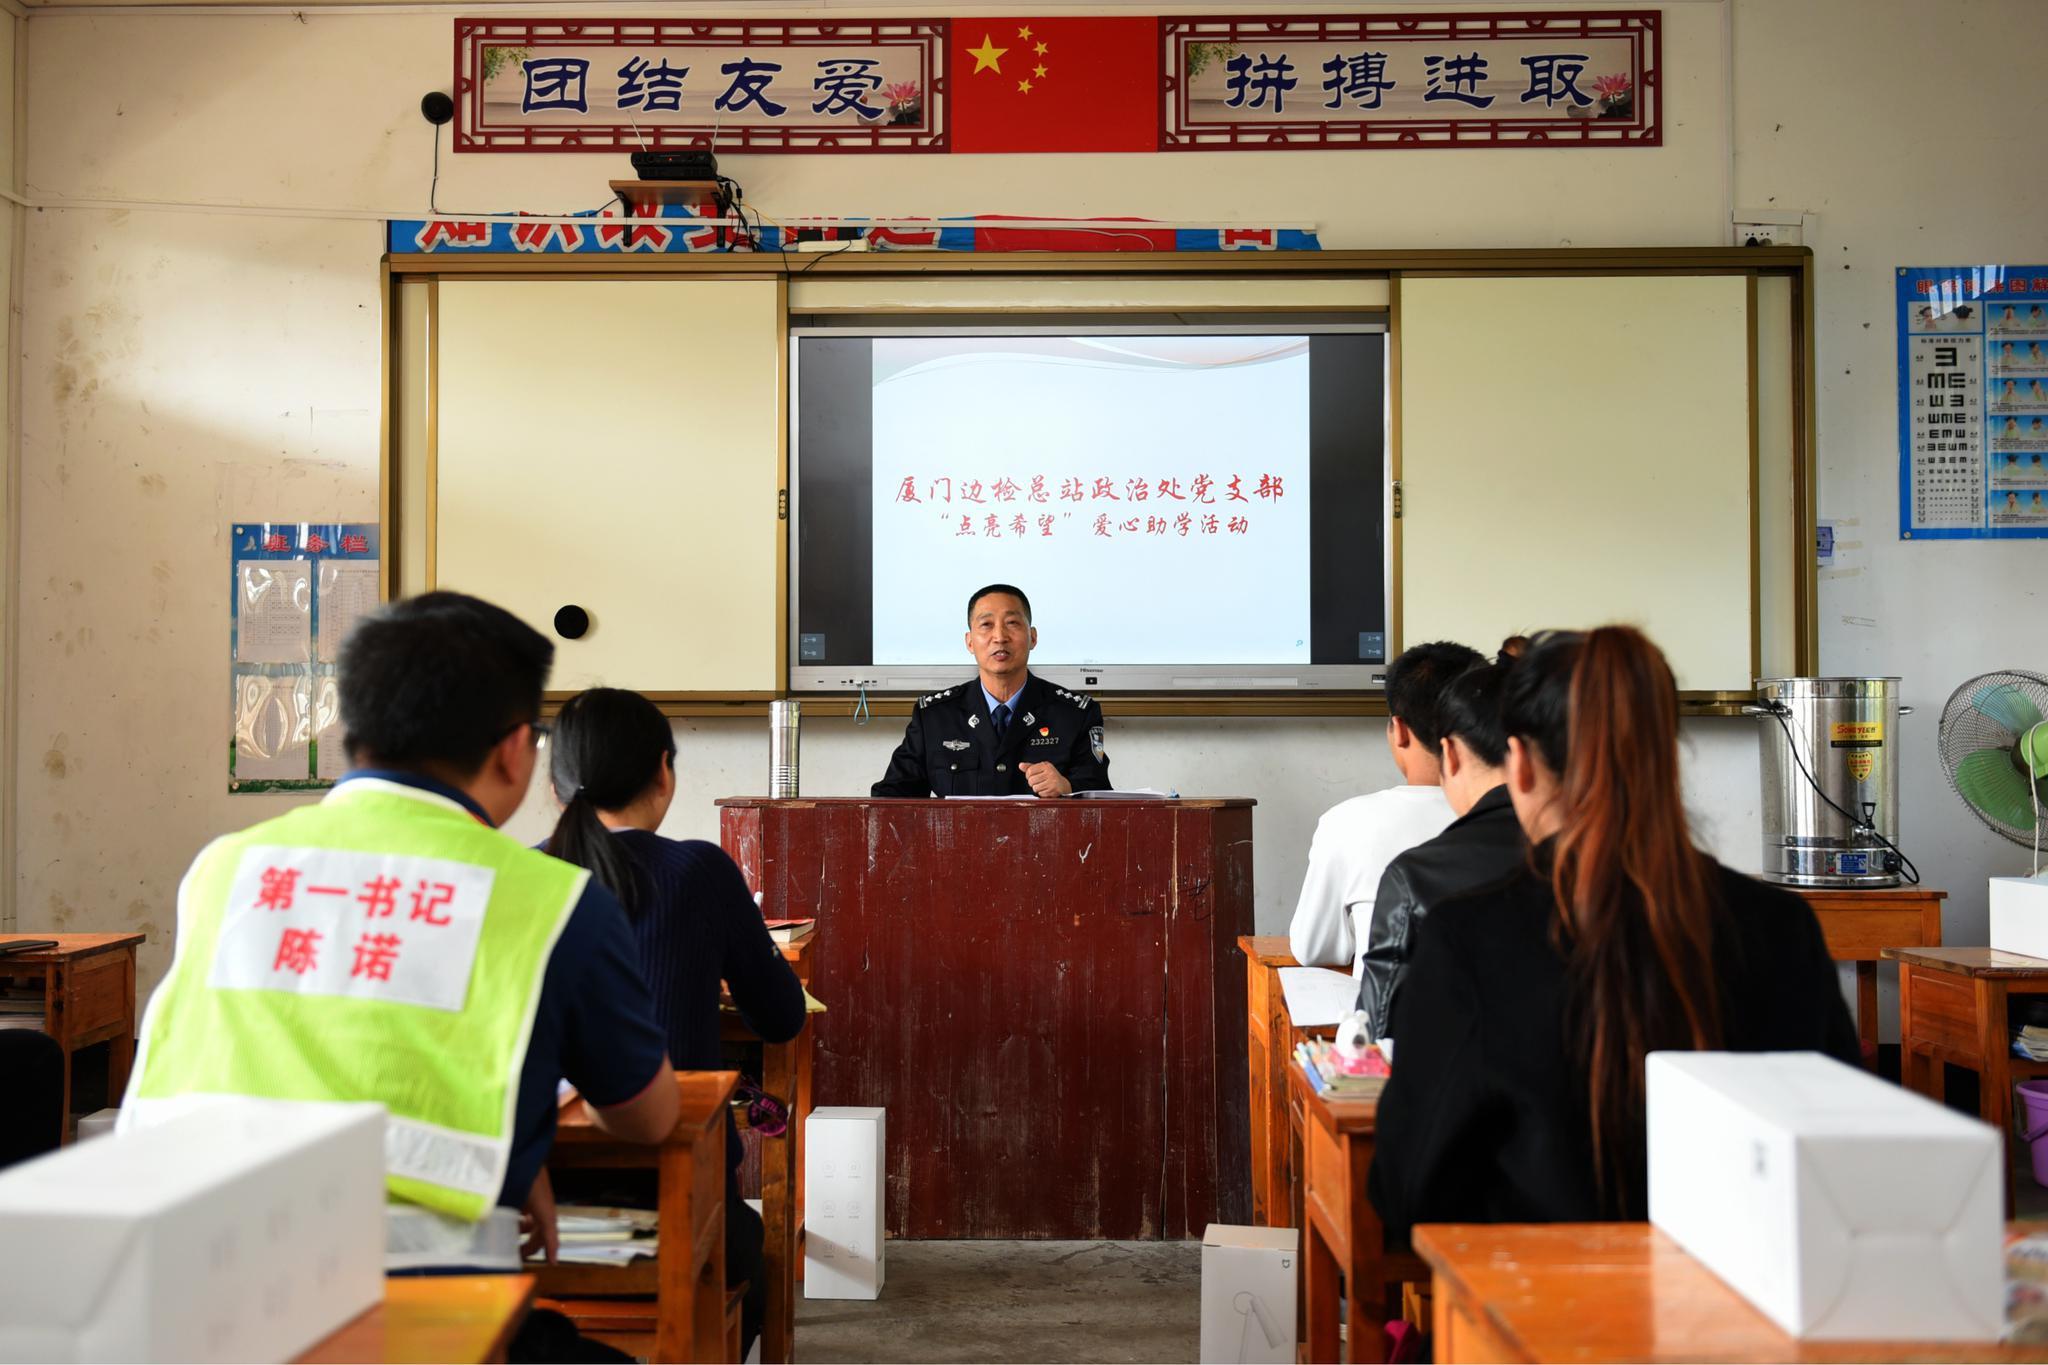 情系侗乡三江 用心助力脱贫——一位新时代移民管理警察的扶贫